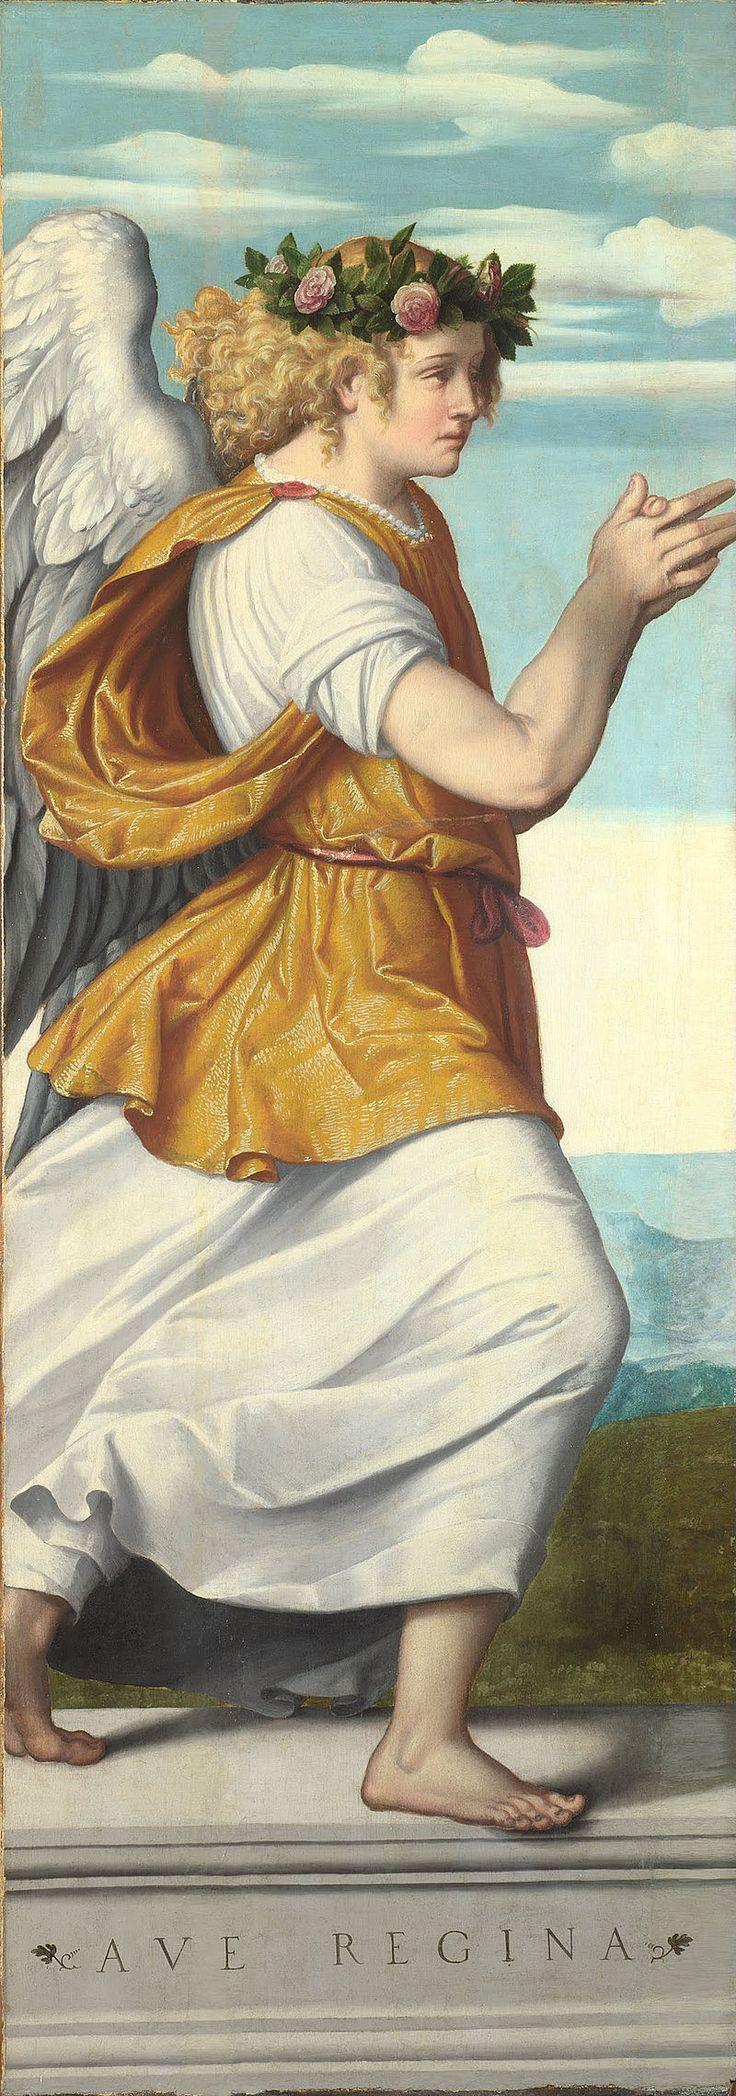 Moretto da Brescia - An Adoring Angel (2) - Google Art Project - Category:Google Art Project works by Moretto da Brescia - Wikimedia Commons